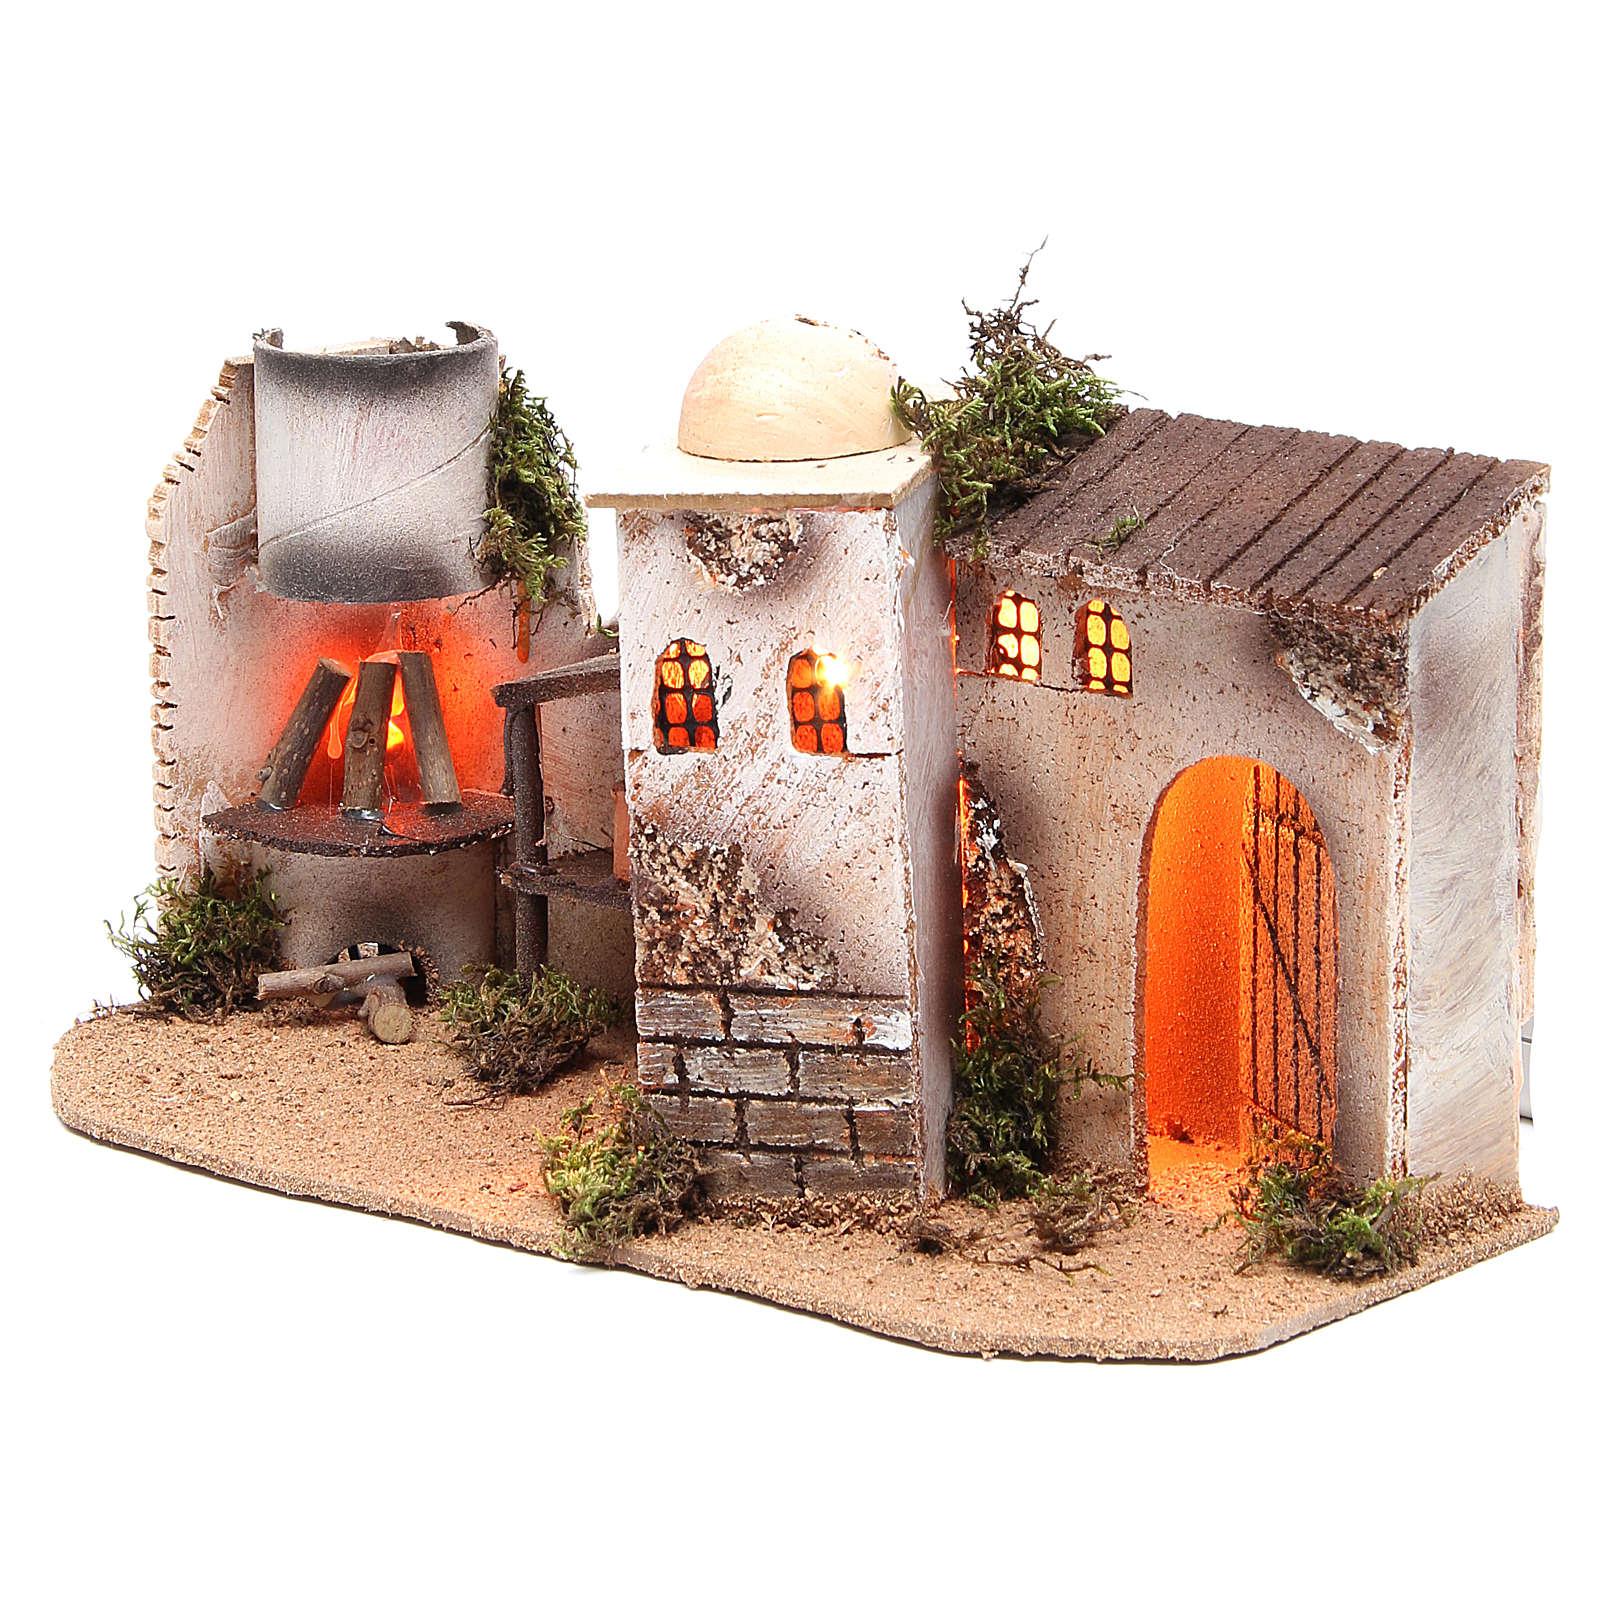 Maison avec éclairage et feu 35x15x16 cm 4